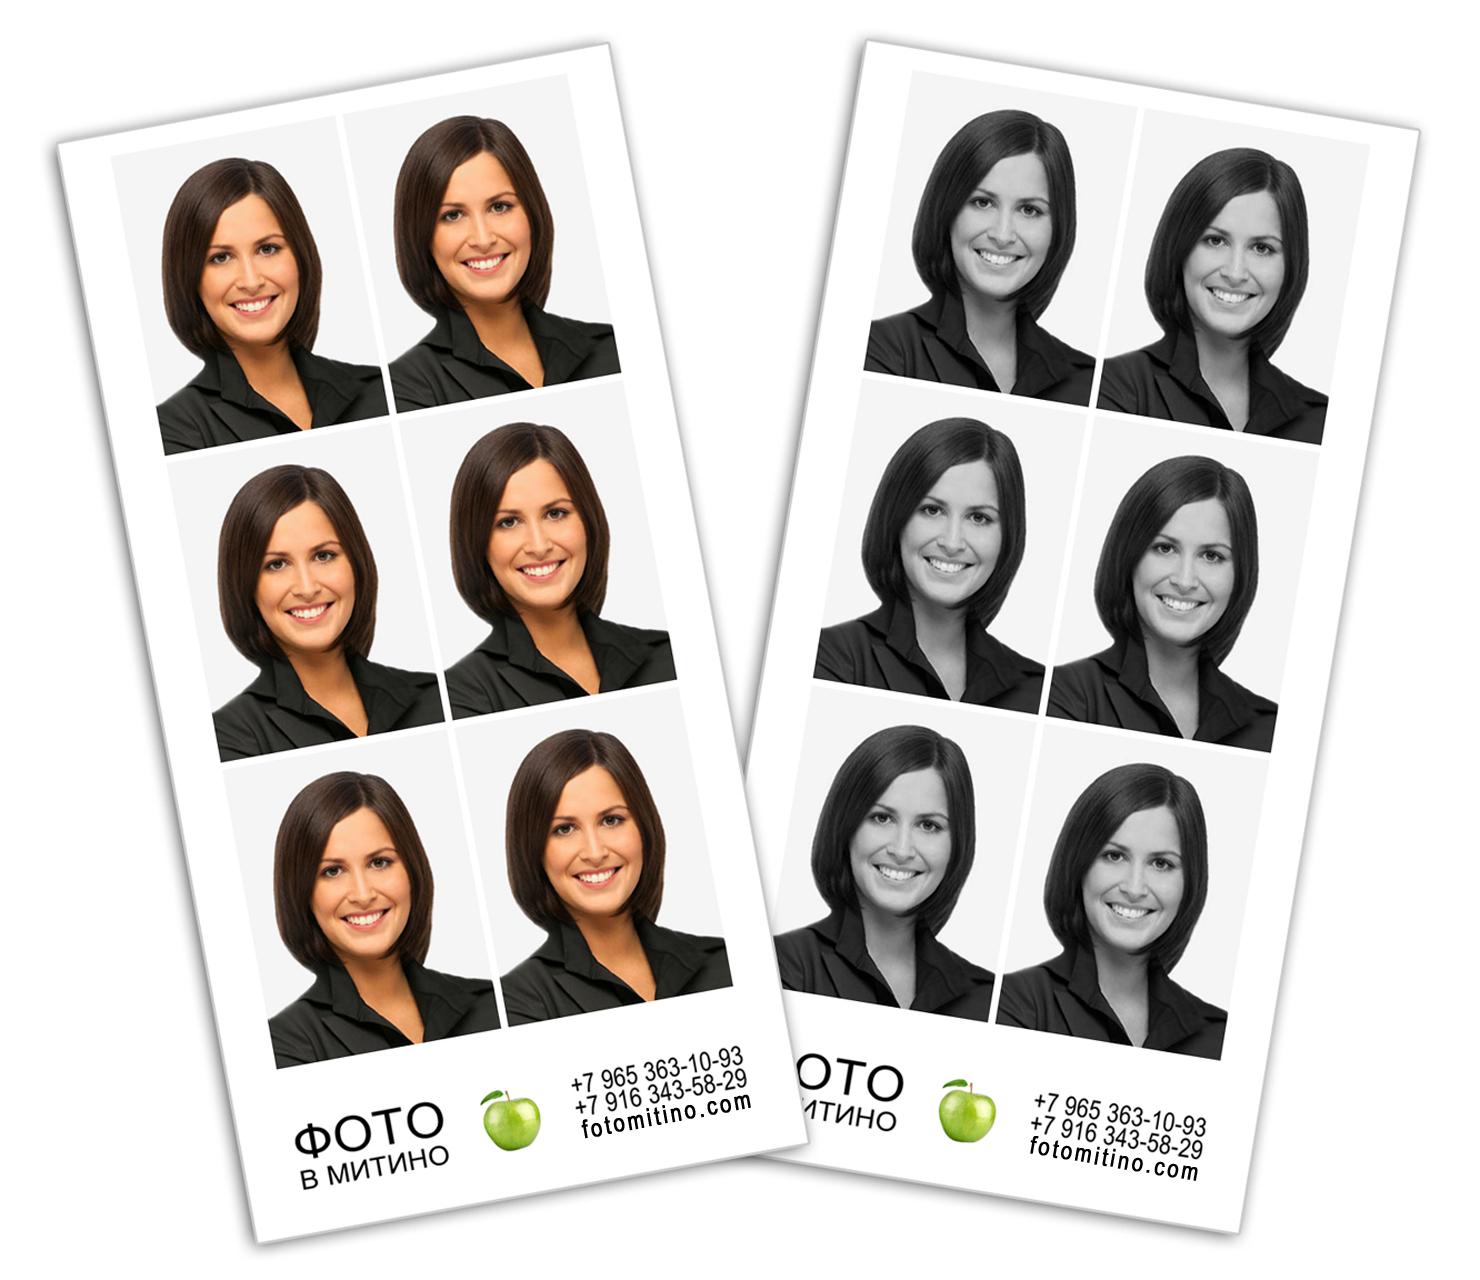 Как сделать фото на документы дома? Процесс и принципы подготовки 70